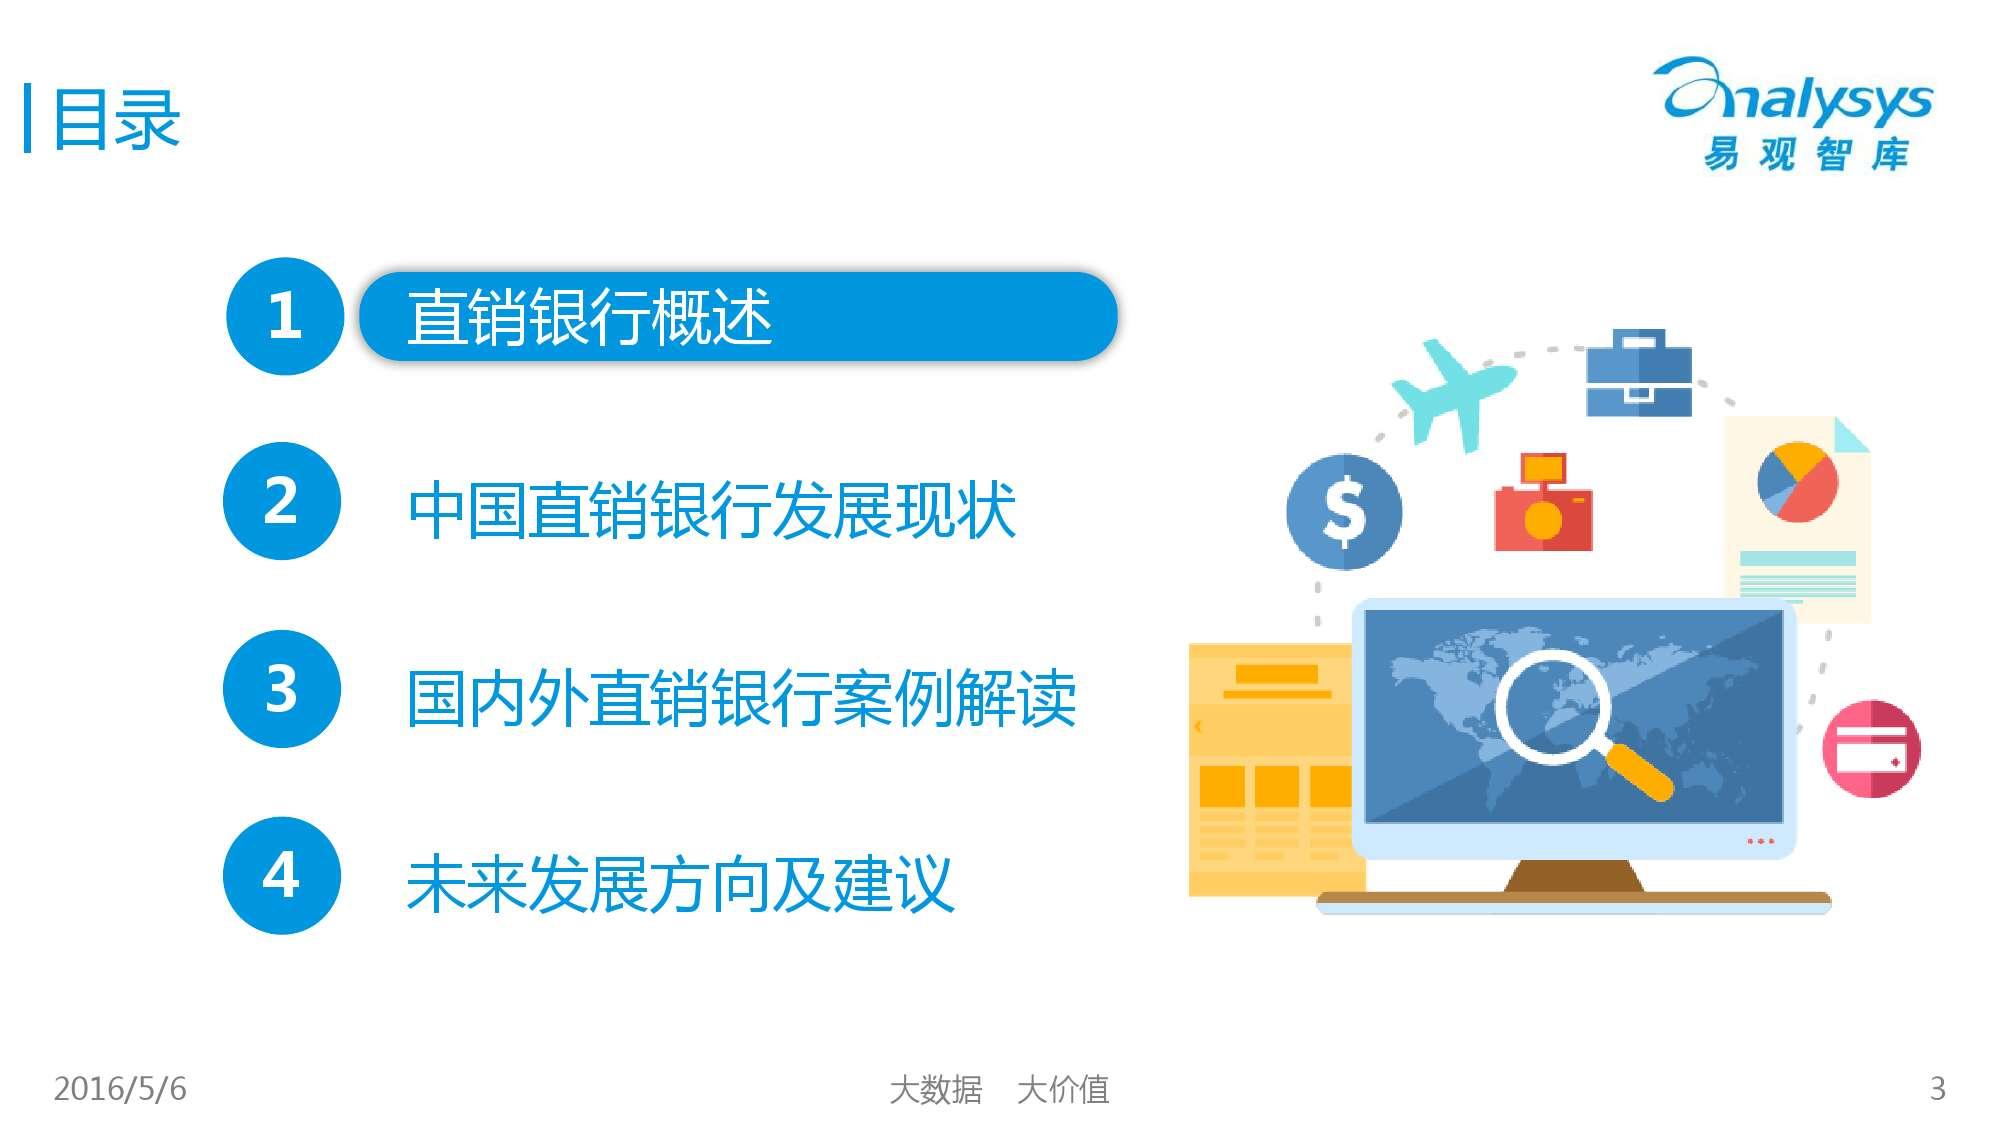 2016年中国直销银行市场专题研究报告_000003